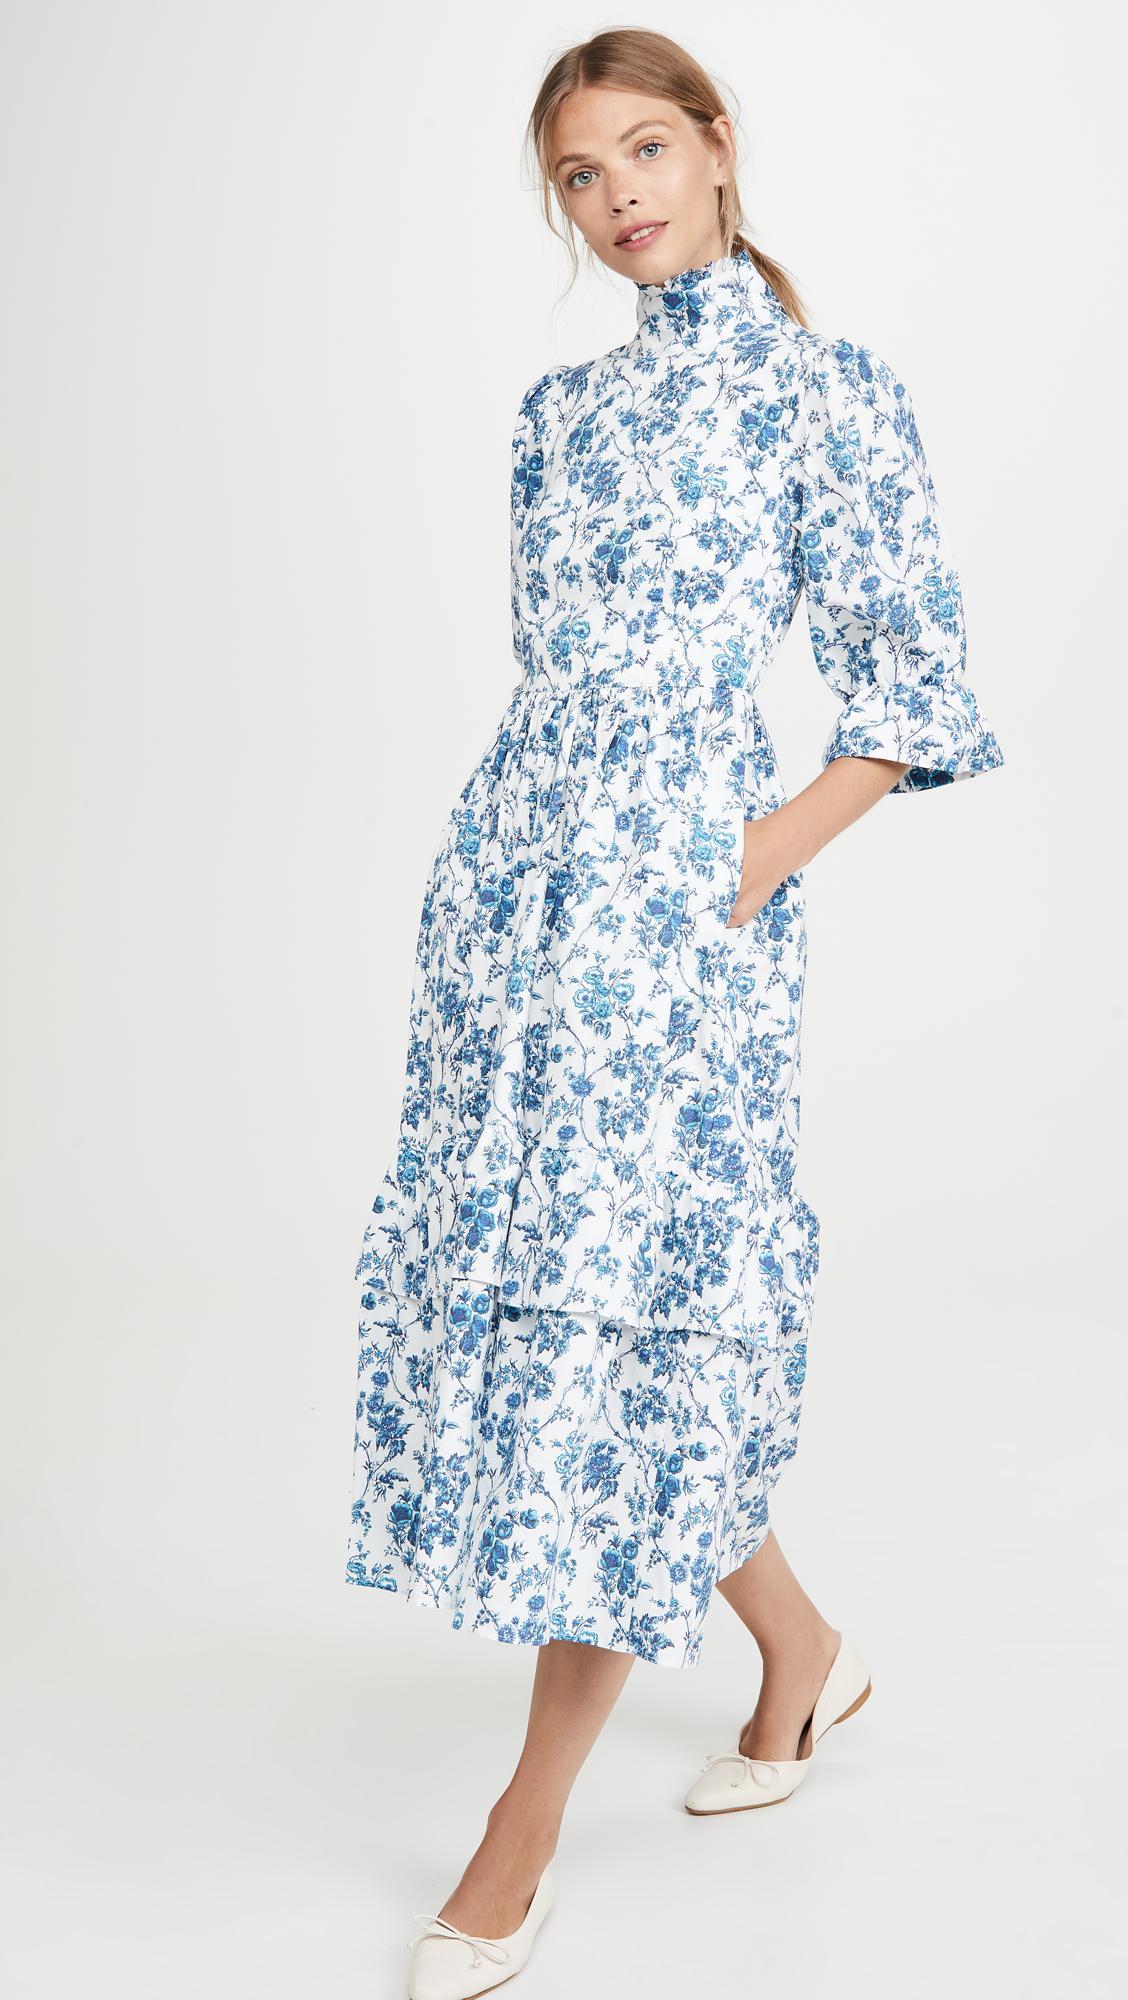 20 Spring Dresses Worthy of Easter Brunch 18